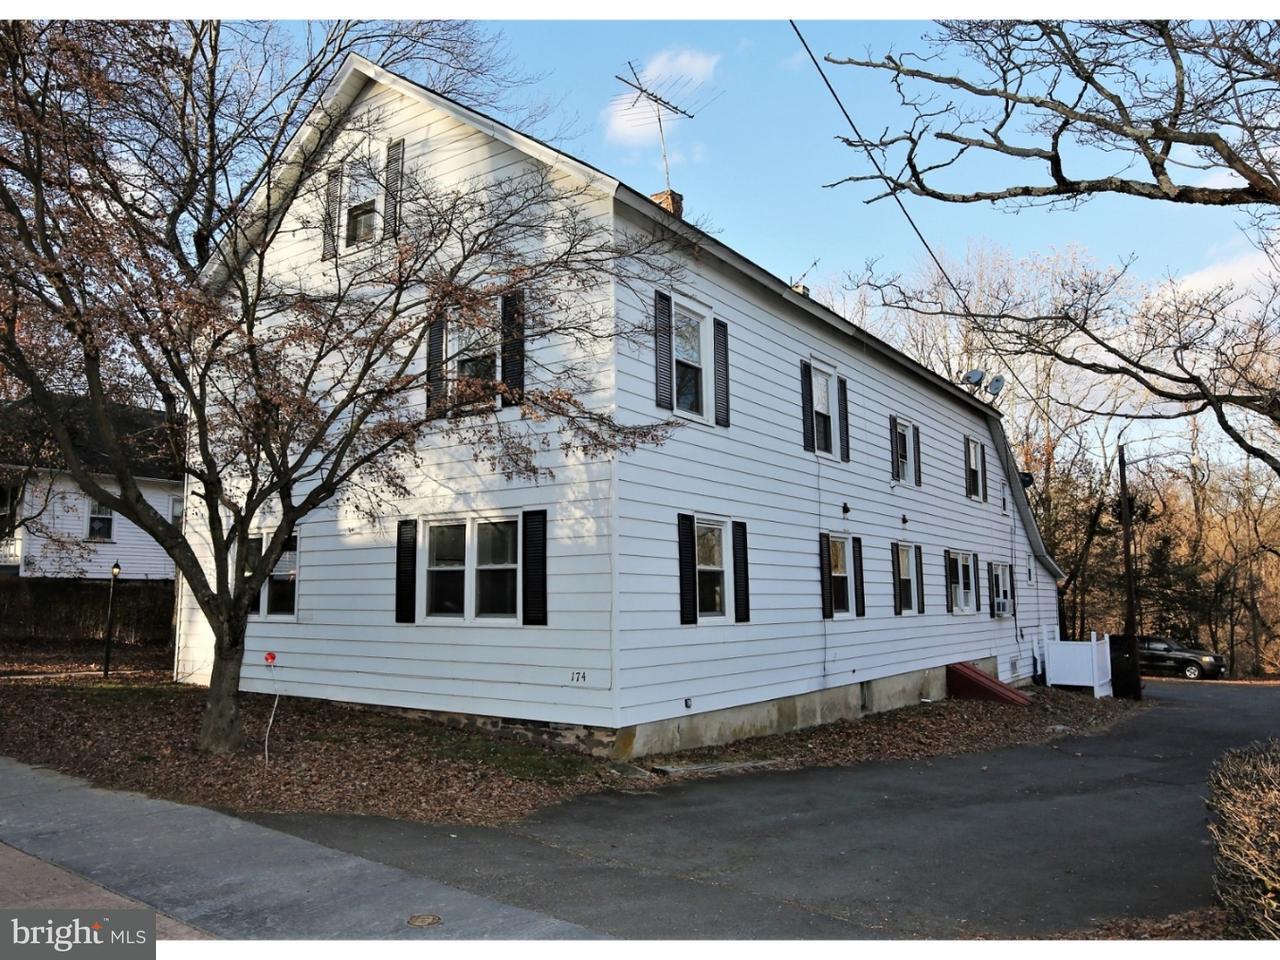 Частный односемейный дом для того Продажа на 174 WASHINGTON Street Rocky Hill, Нью-Джерси 08553 Соединенные ШтатыВ/Около: Rocky Hill Borough